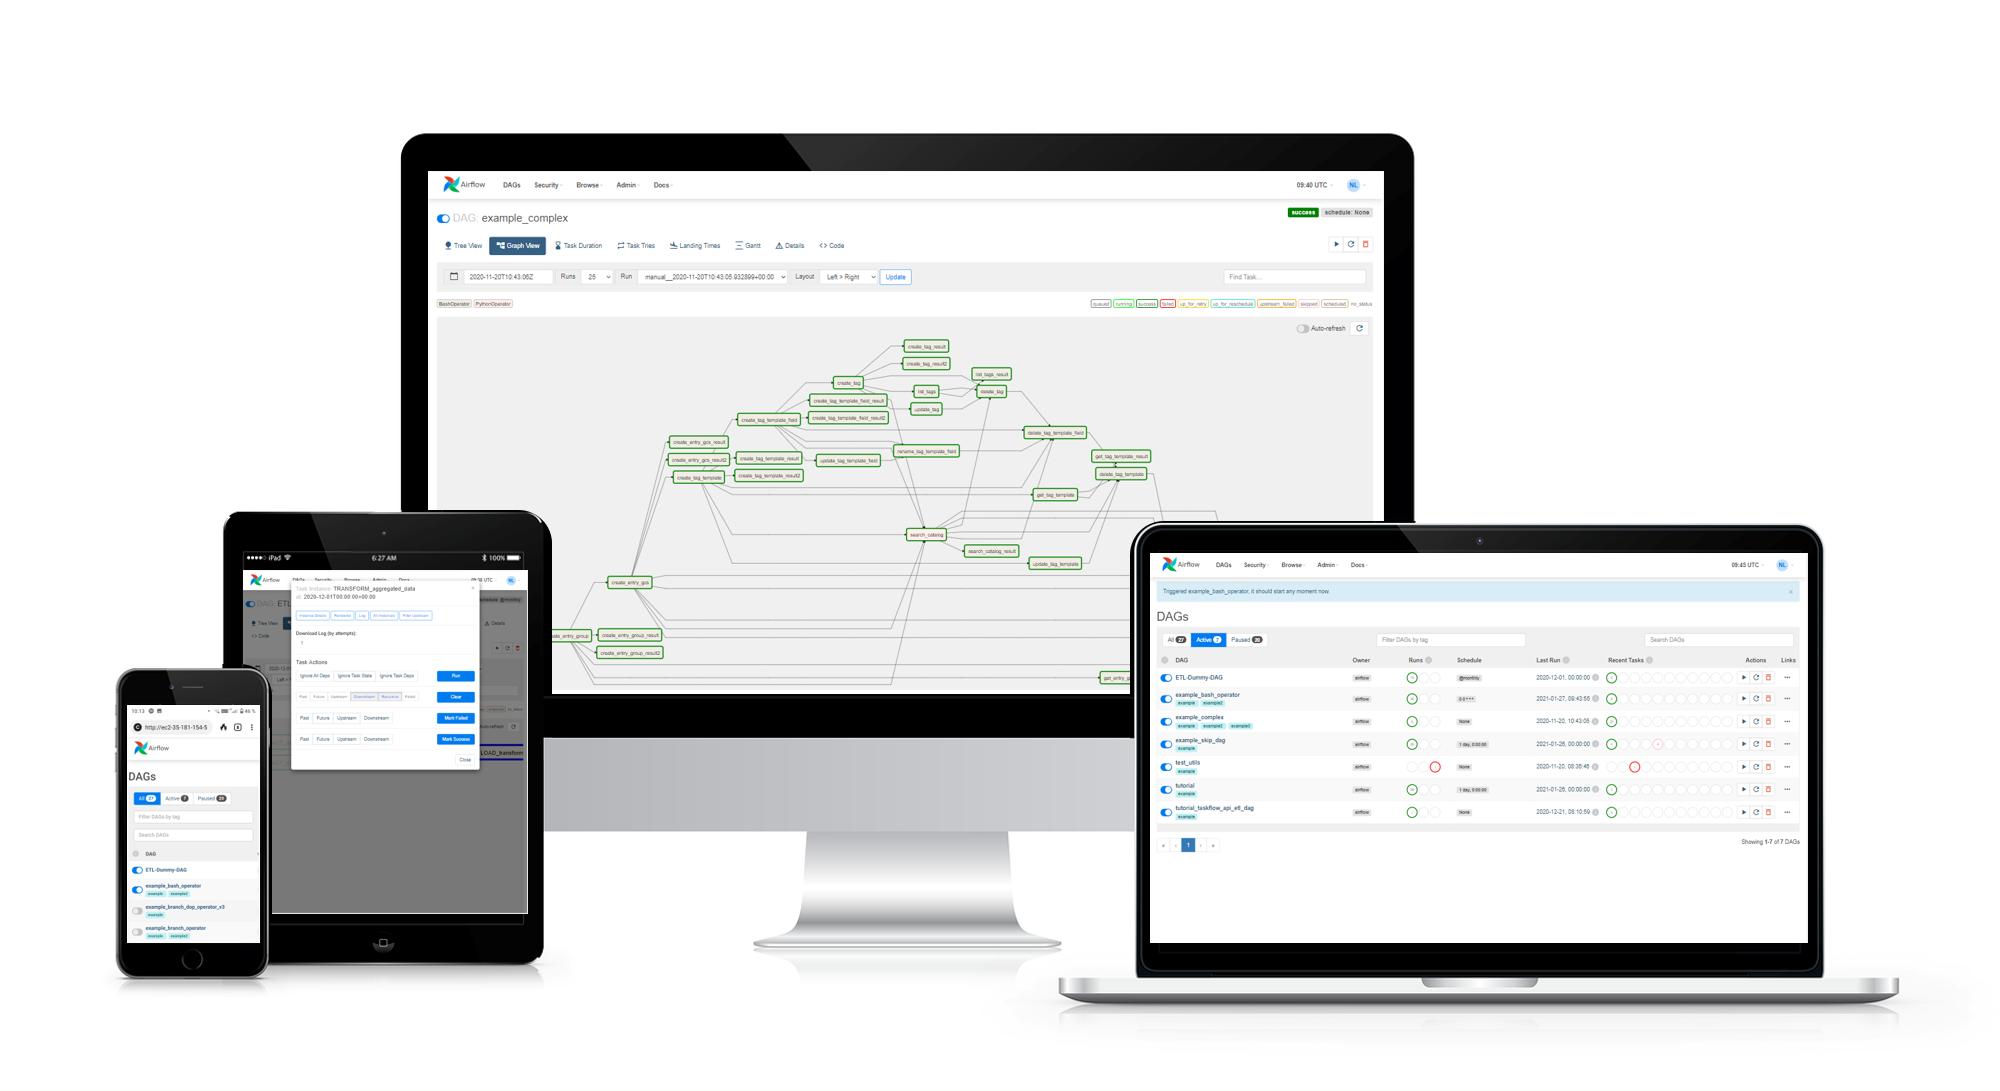 Workflow automatisieren mit Apache Airflow